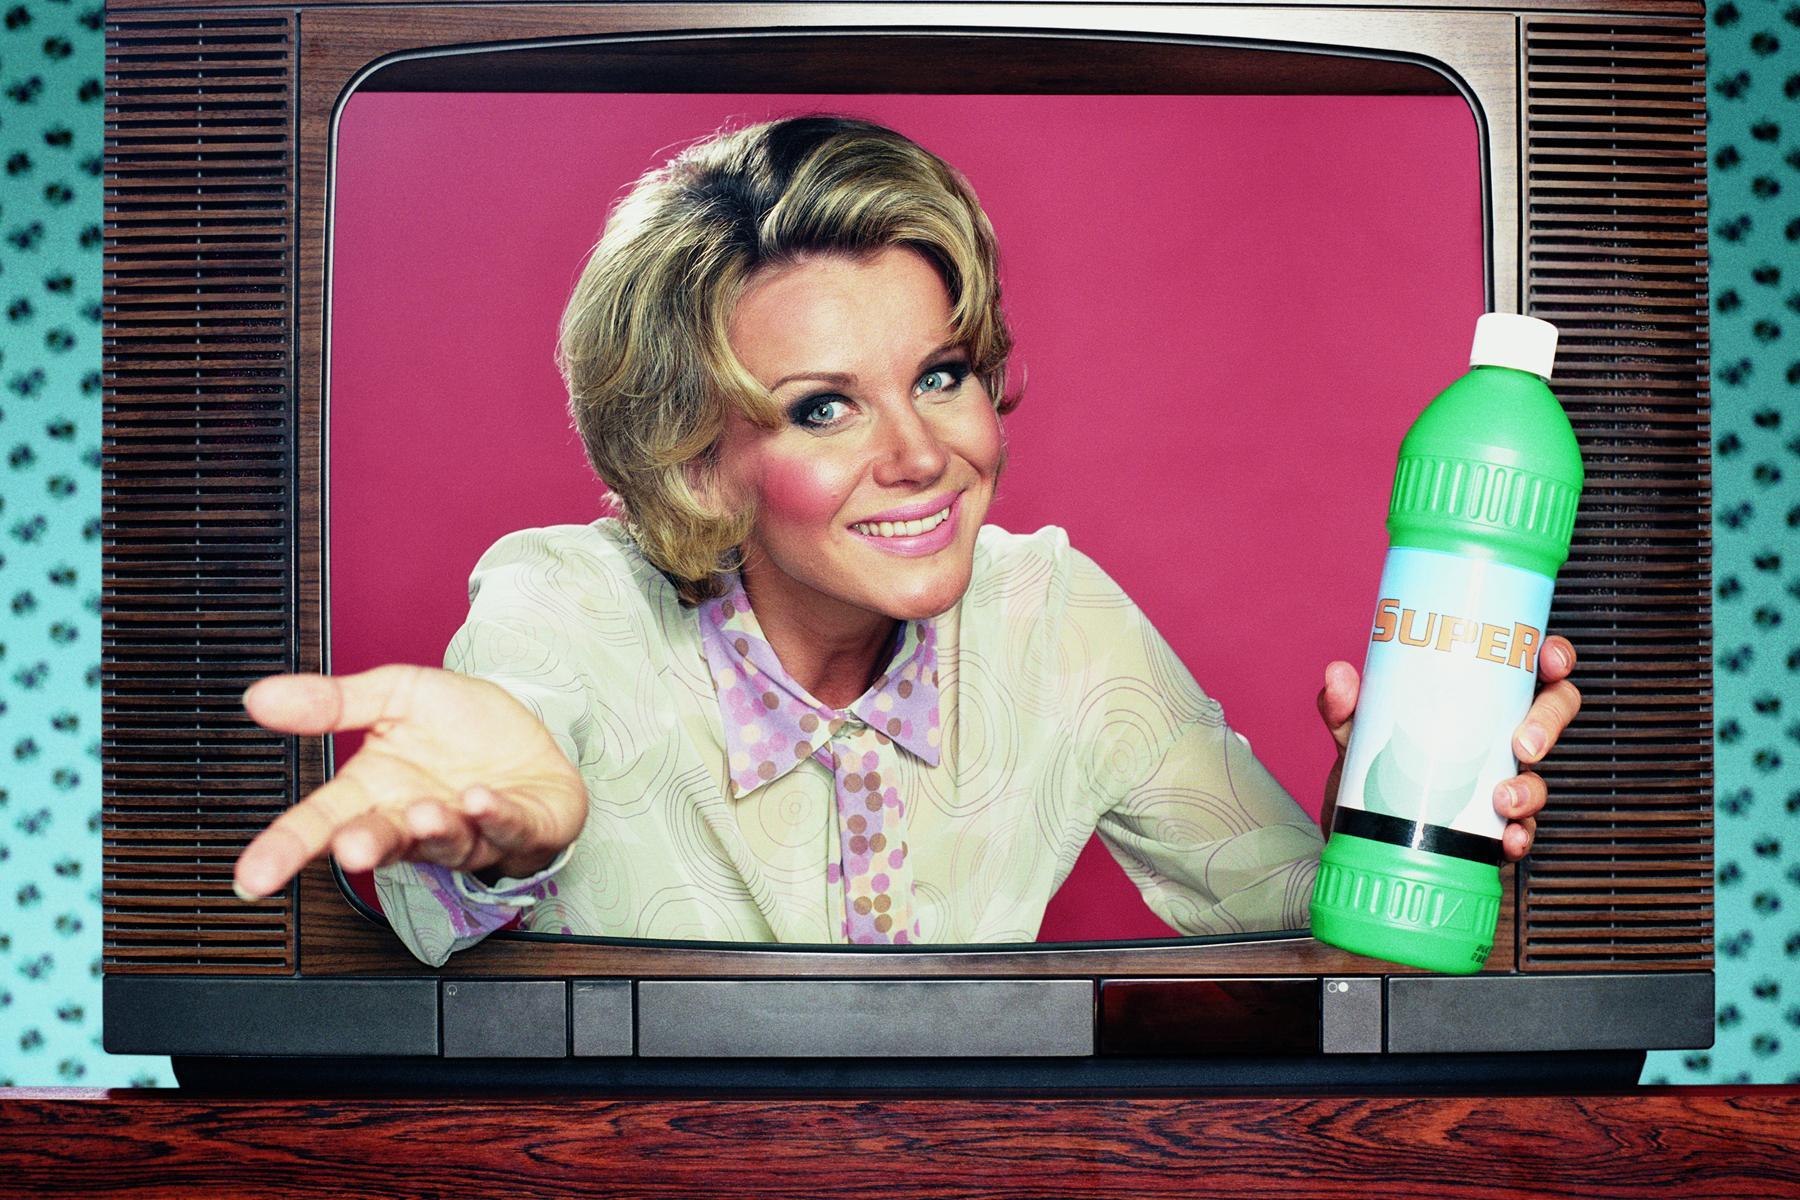 Худейте во время рекламных пауз на ТВ